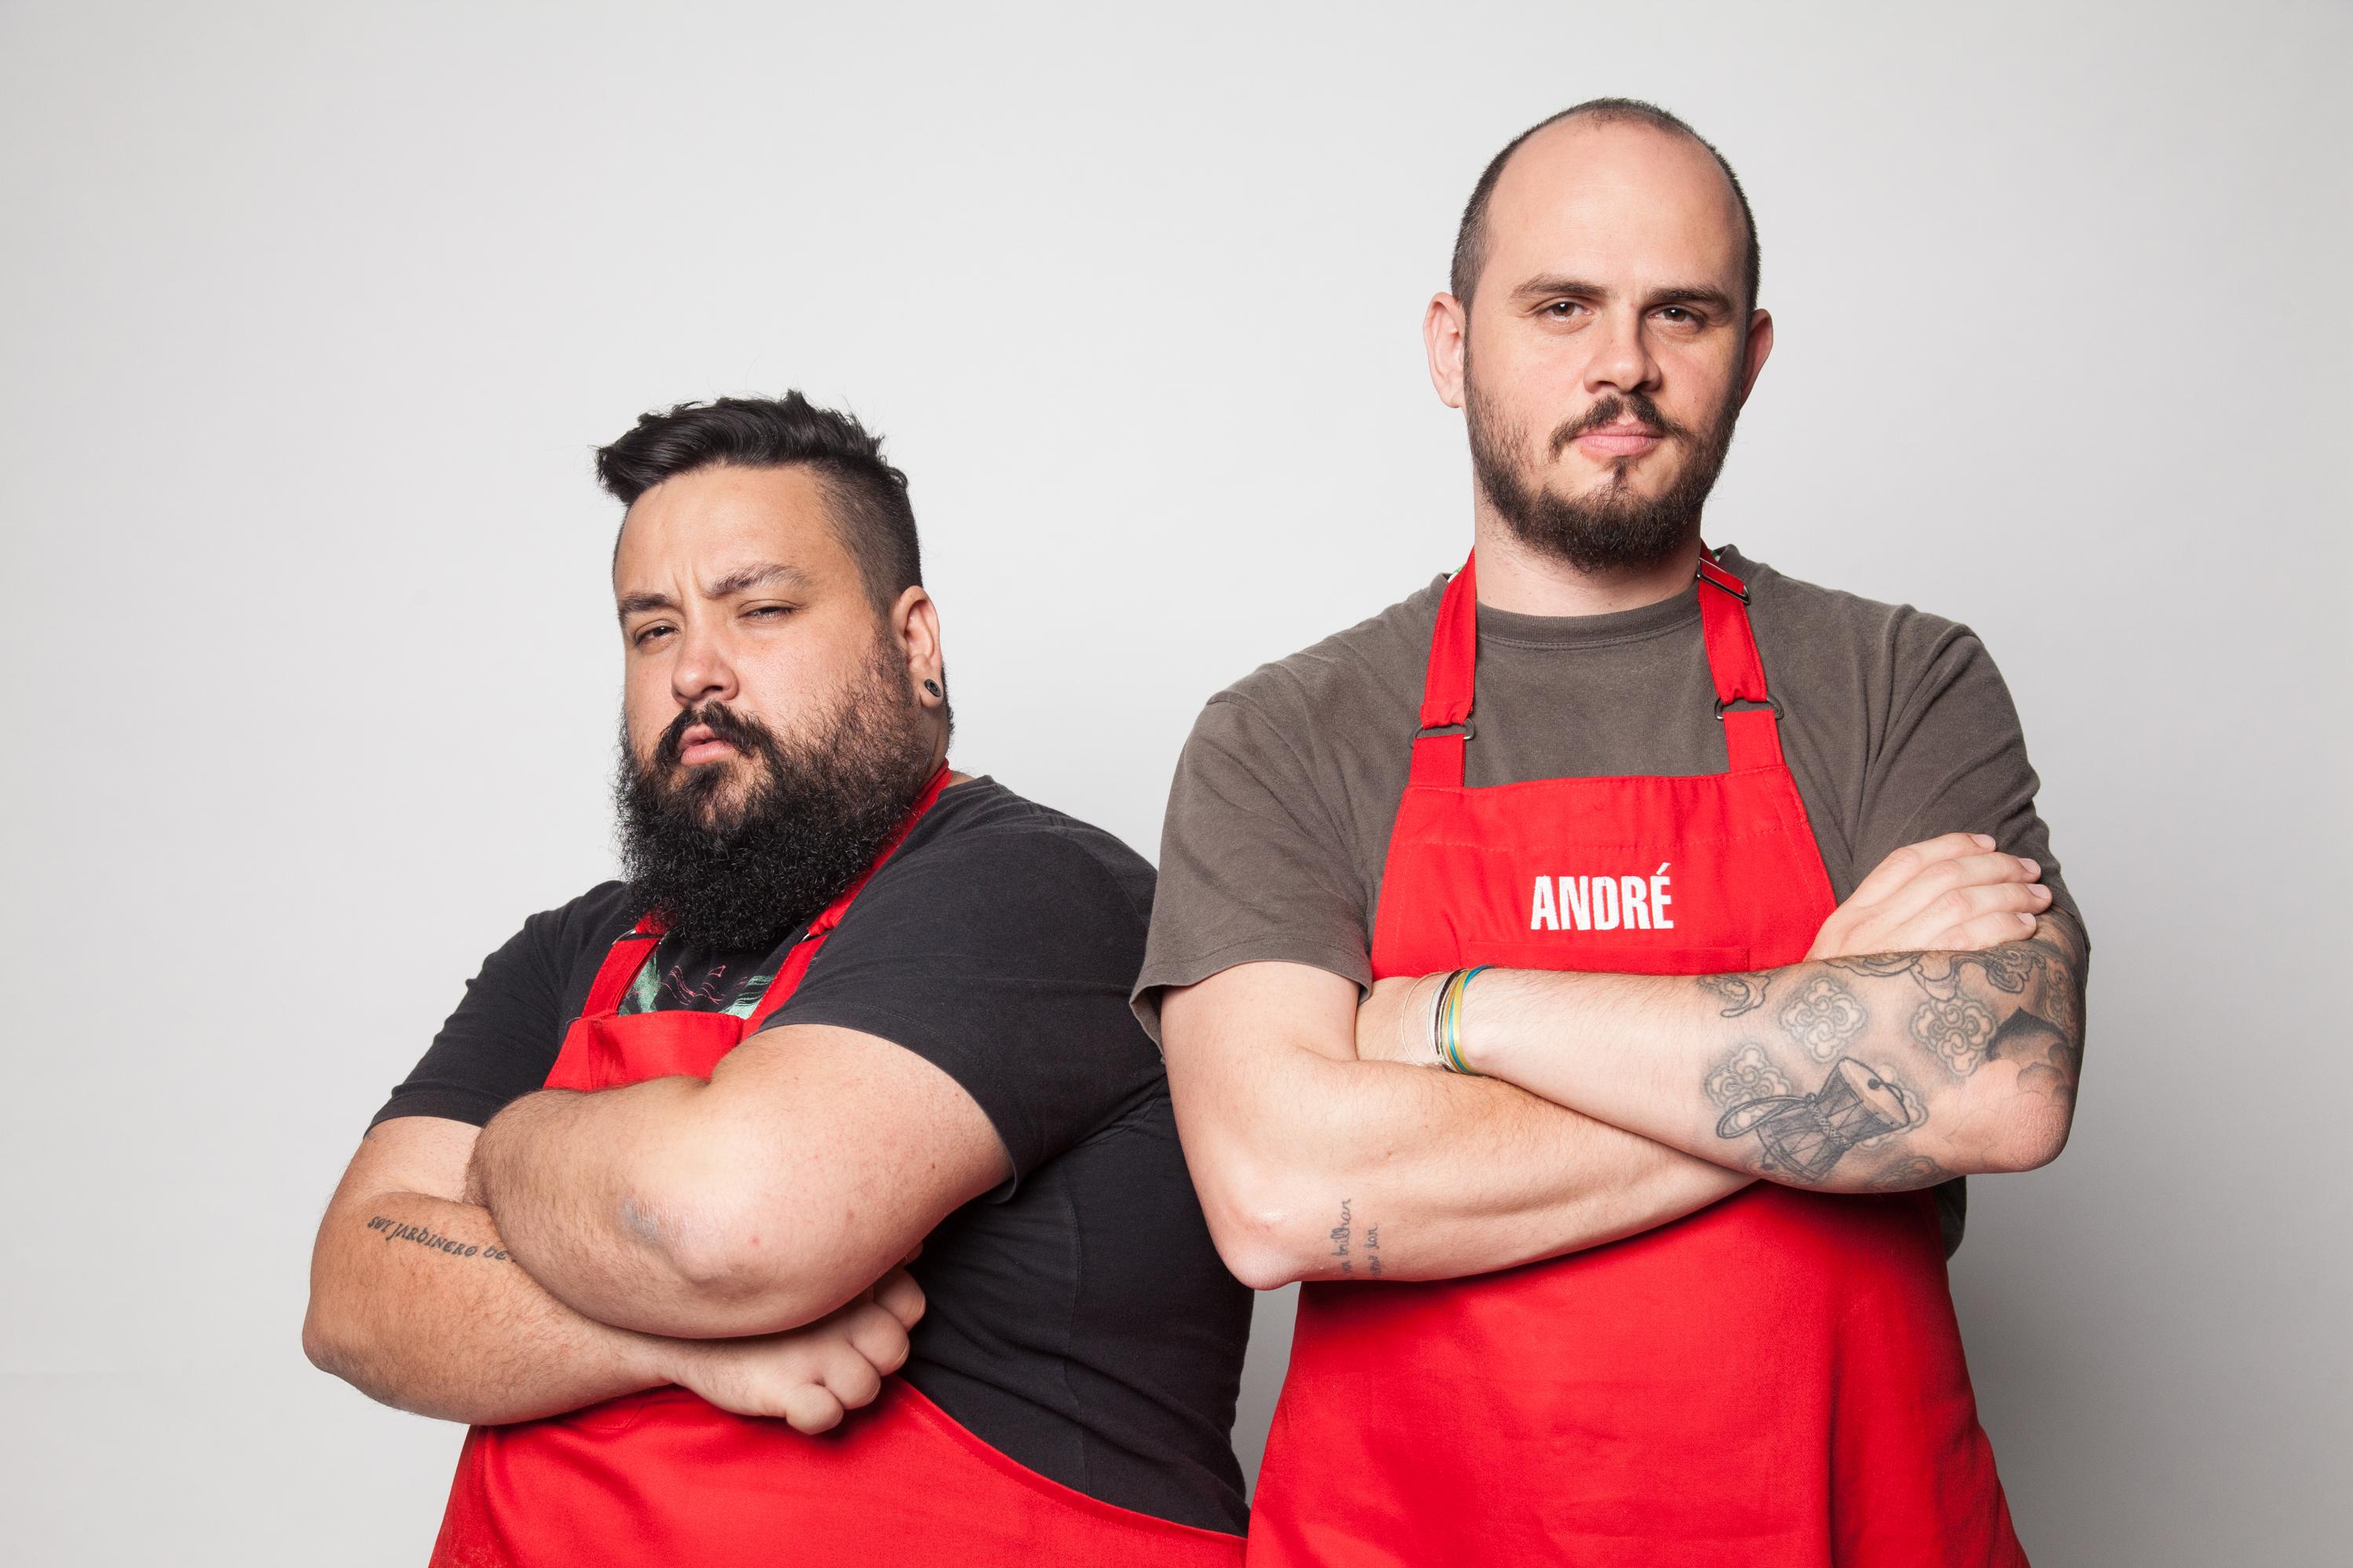 Os amigos gaúchos Adelino e André